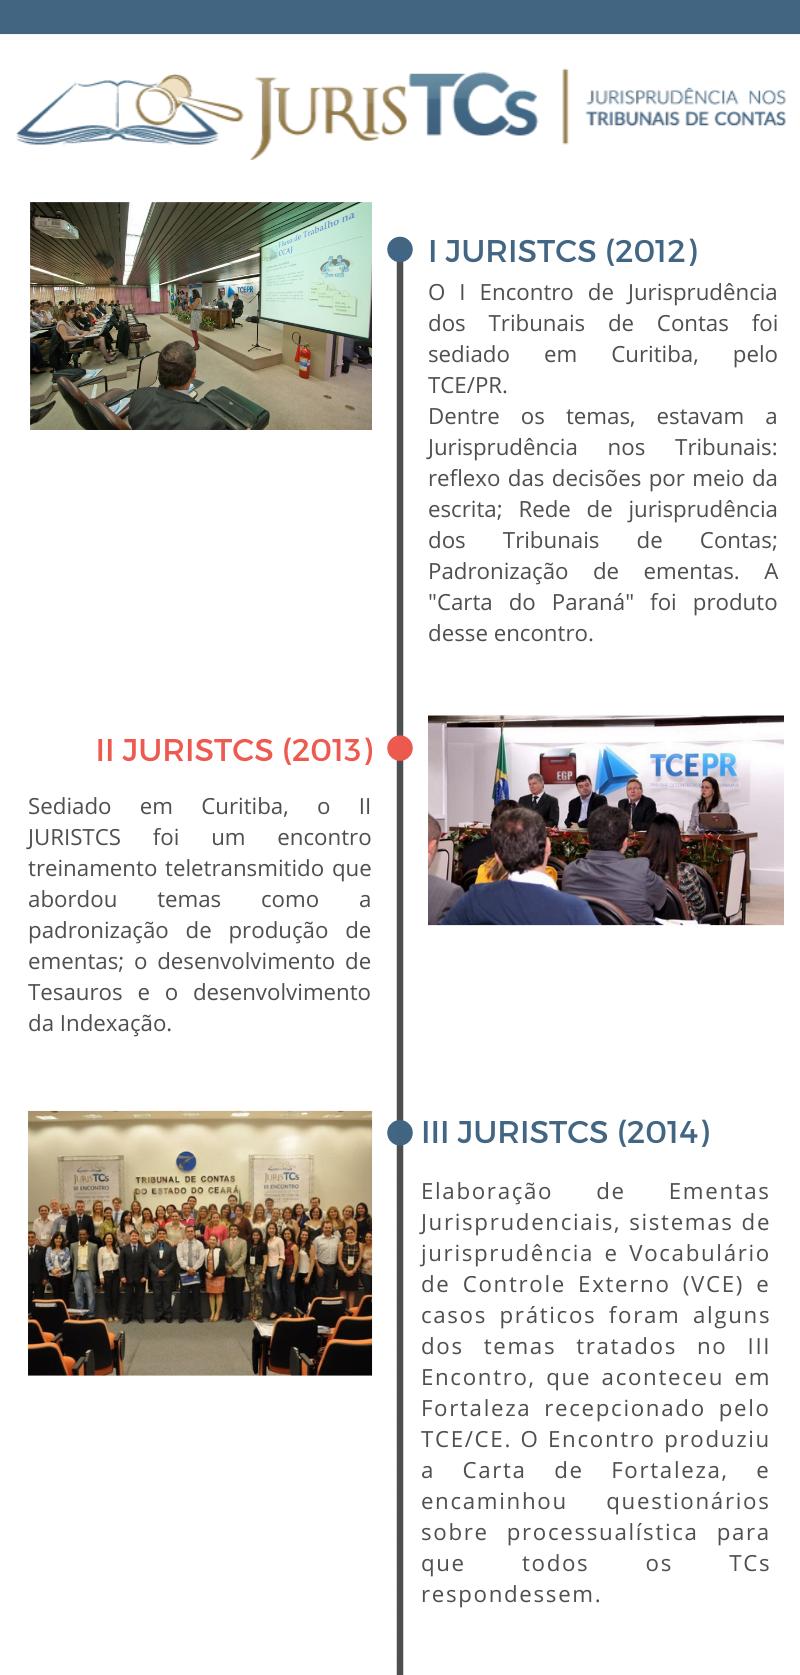 JurisTCs